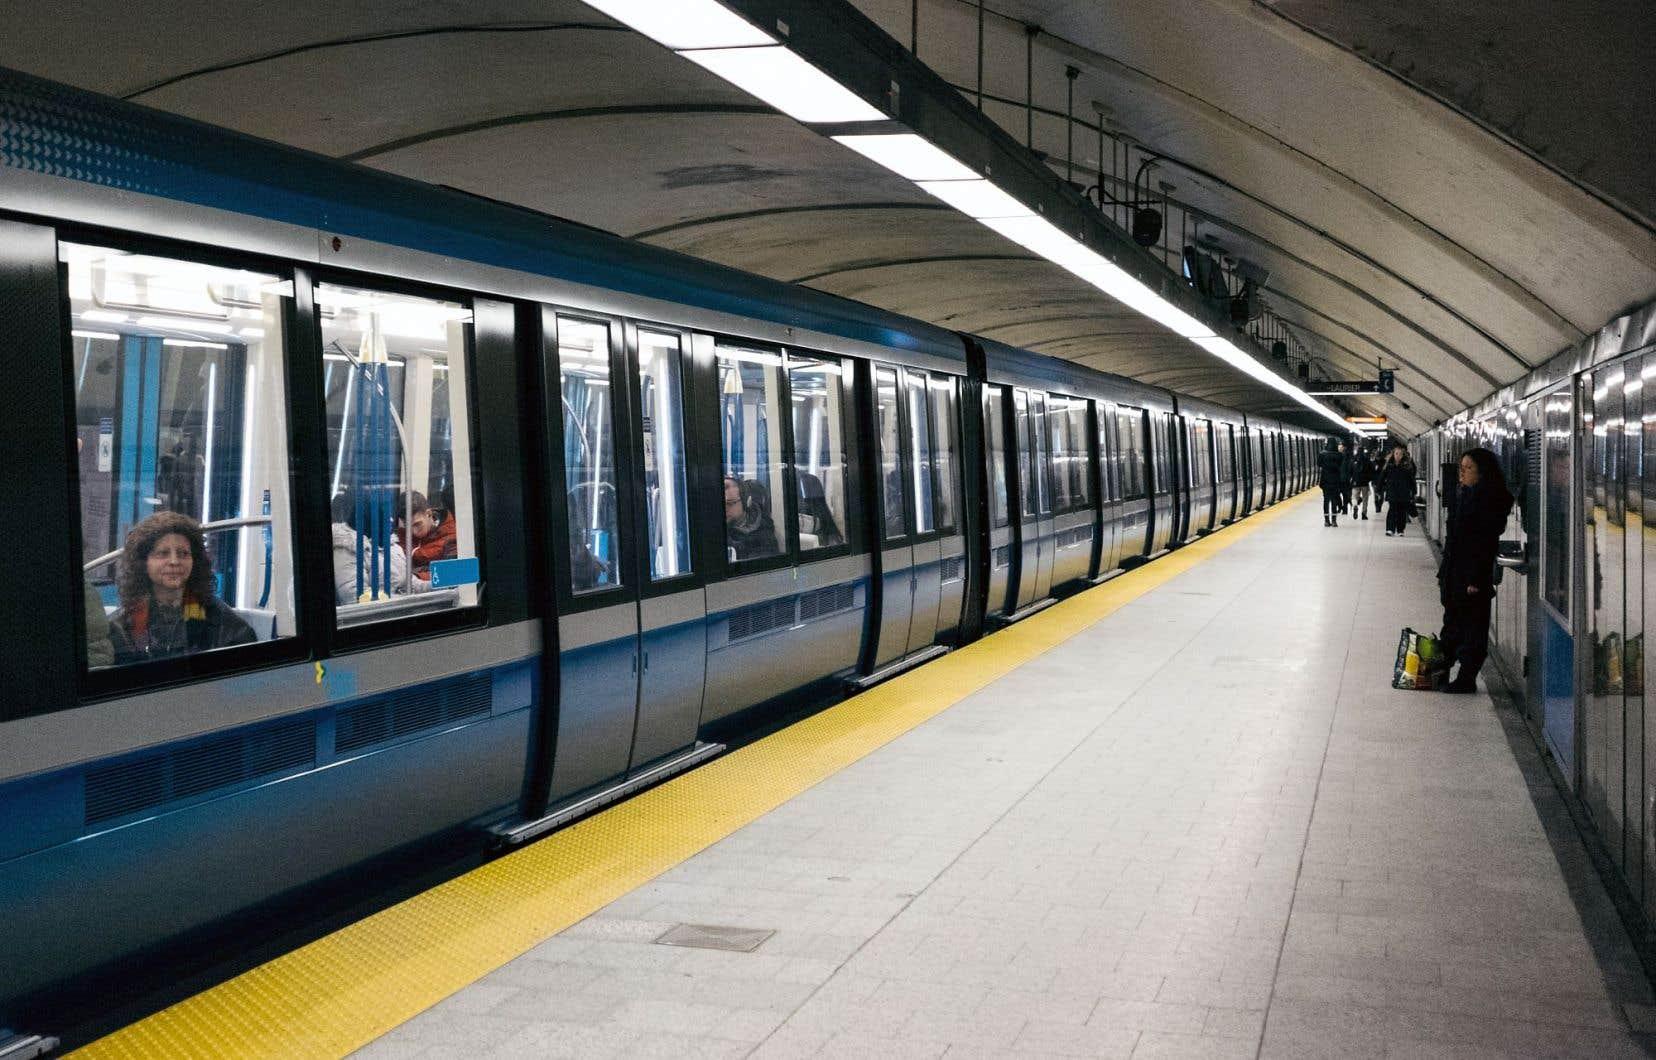 Un bris d'équipement a causé un arrêt de service sur la ligne orange du métro, samedi.